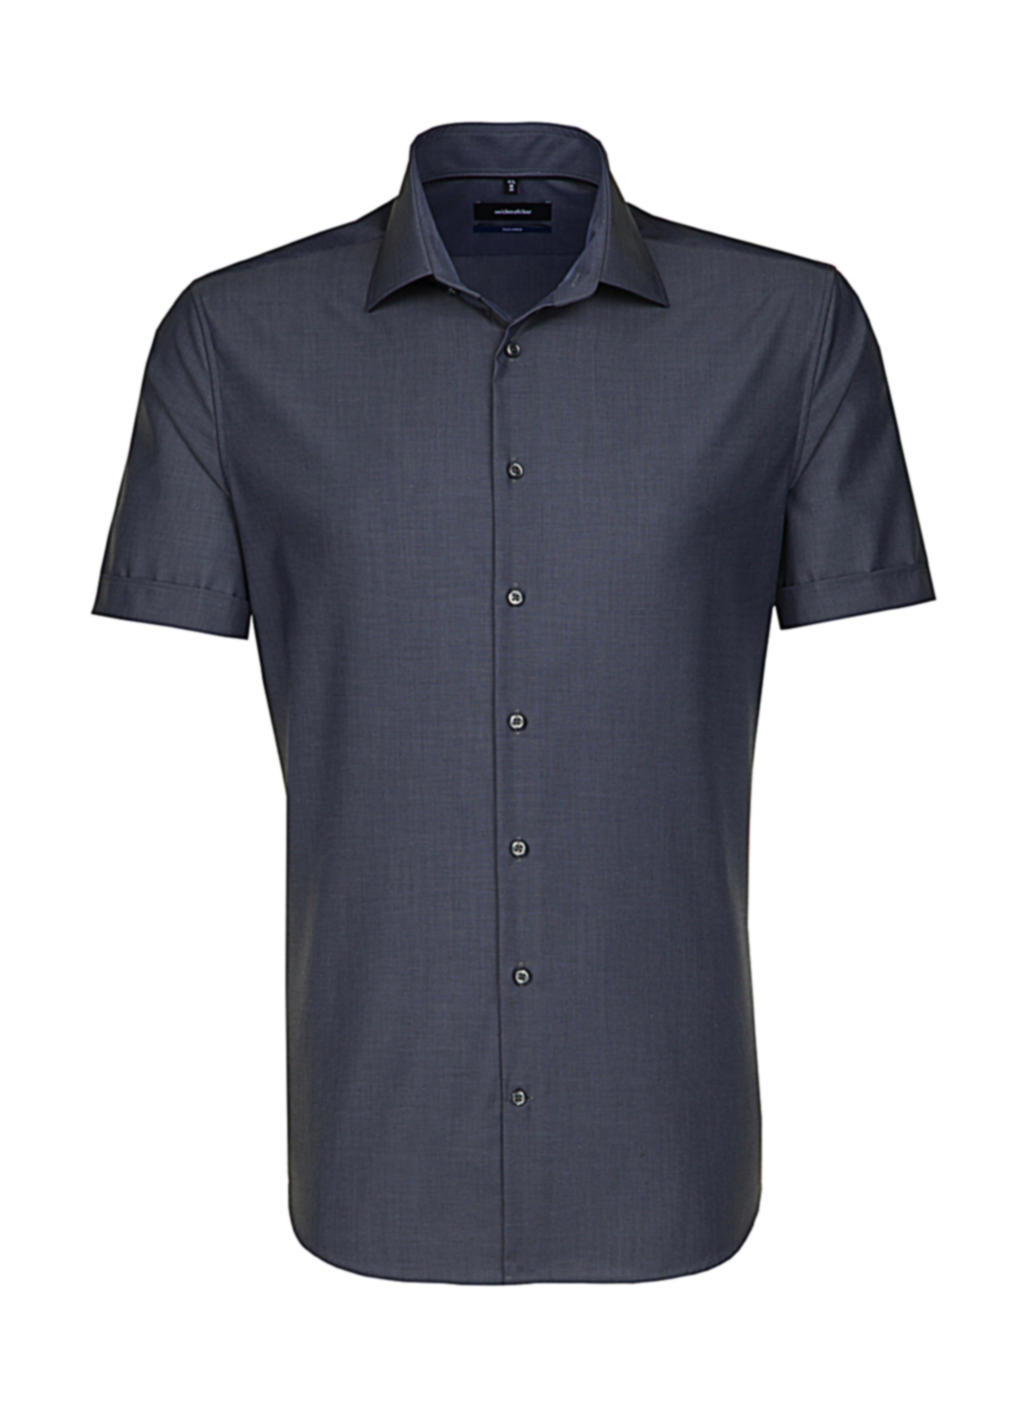 Košile Èerná rùže s krátkym rukávem Business Kent - zvìtšit obrázek